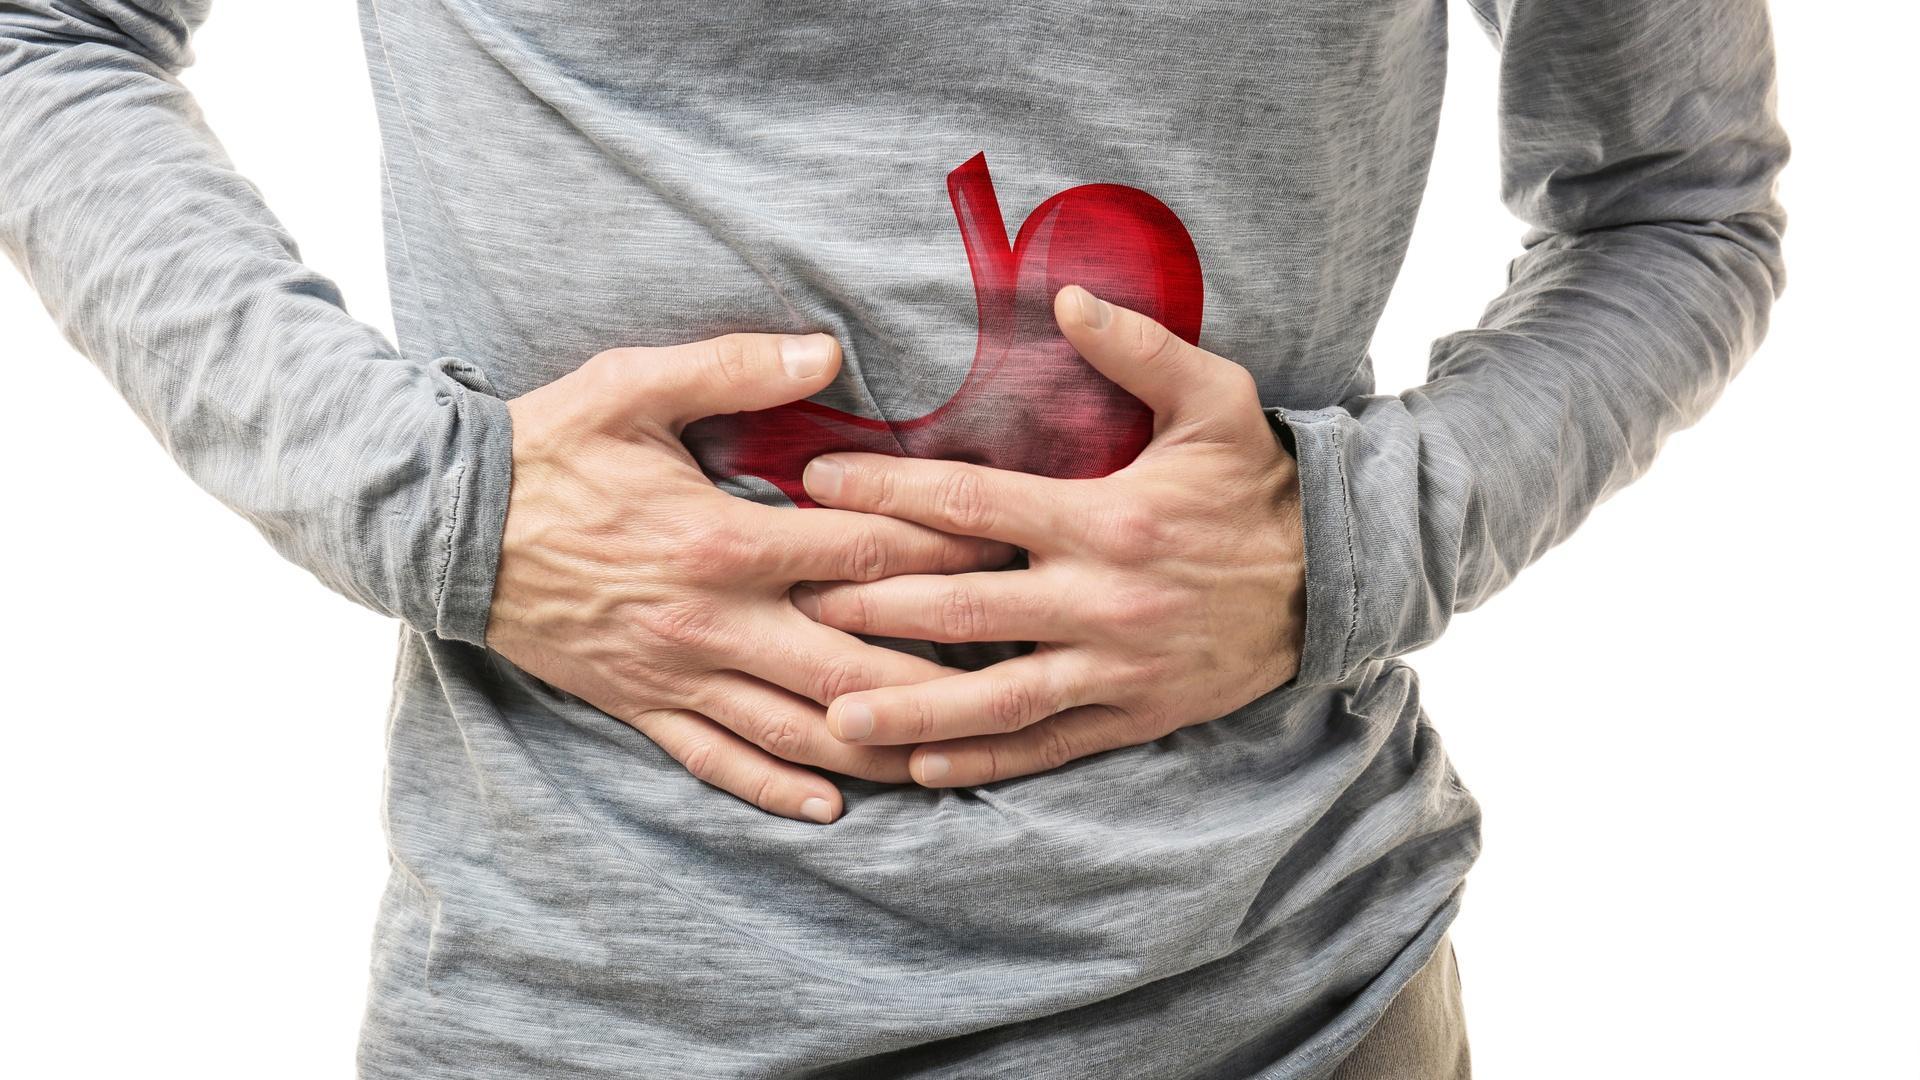 Рак желудка: симптомы, методы лечения, профилактика